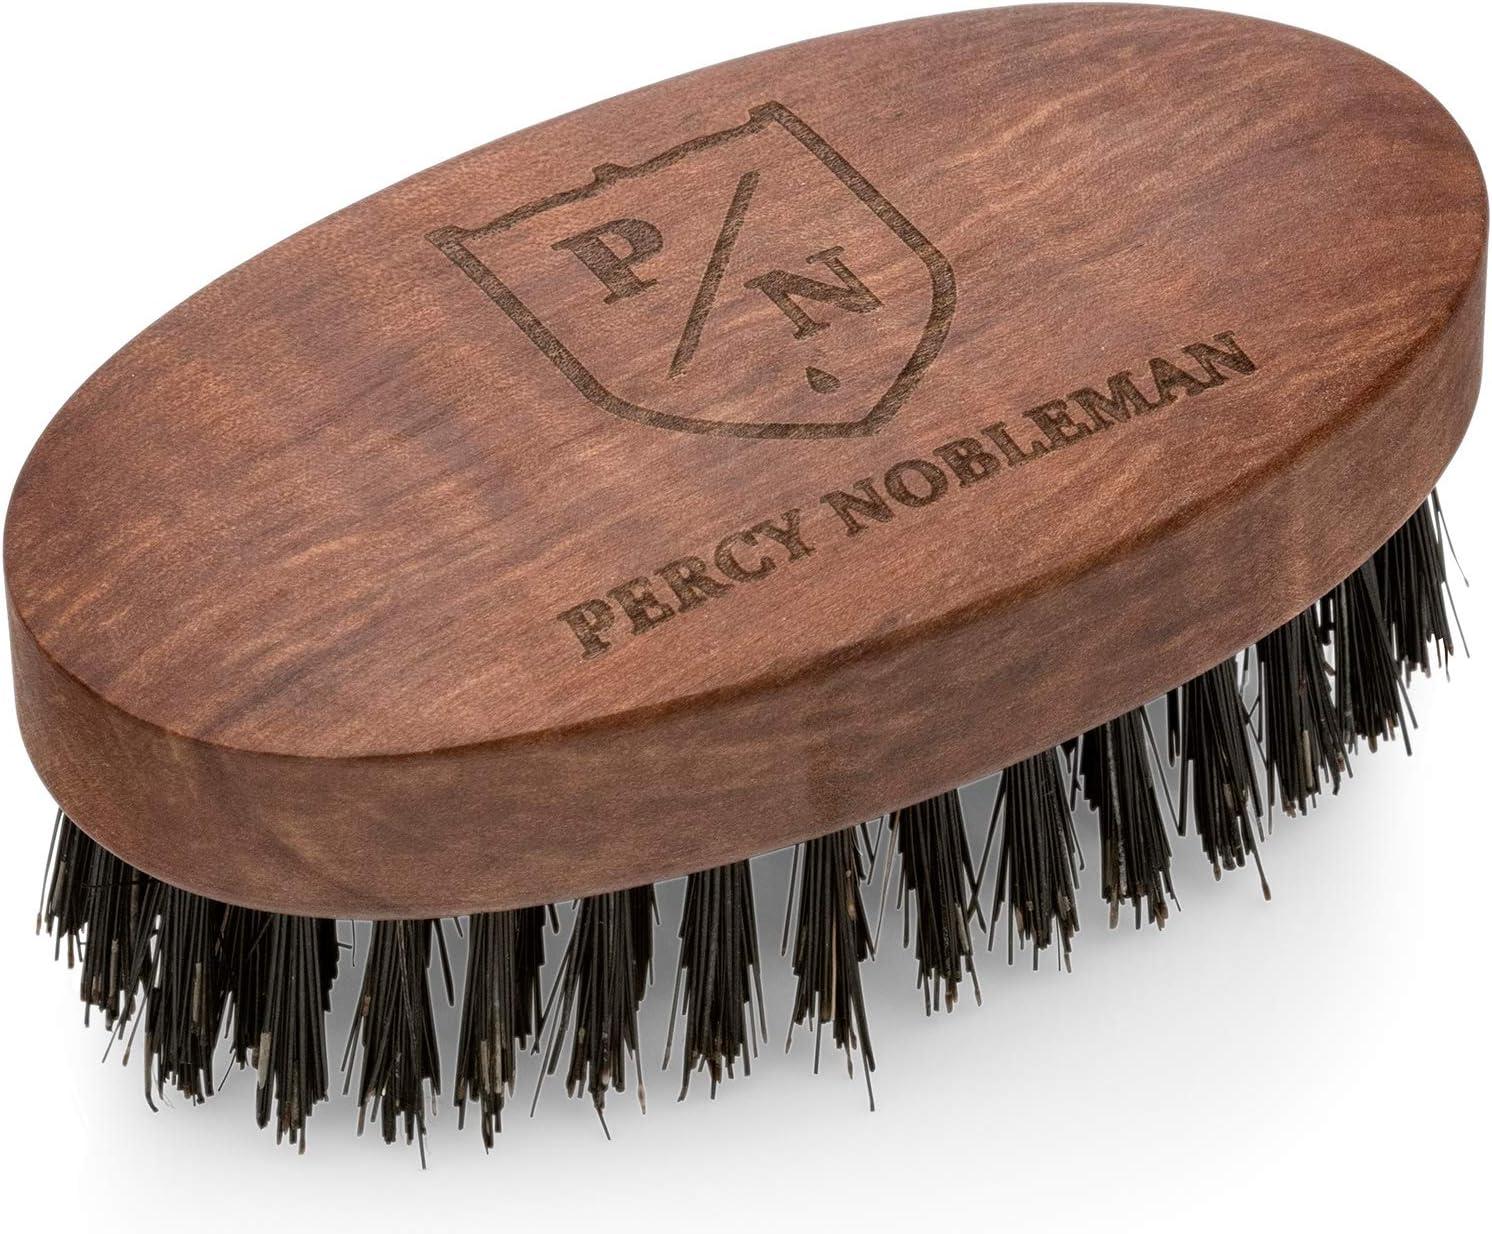 Spazzola da barba di Percy Nobleman